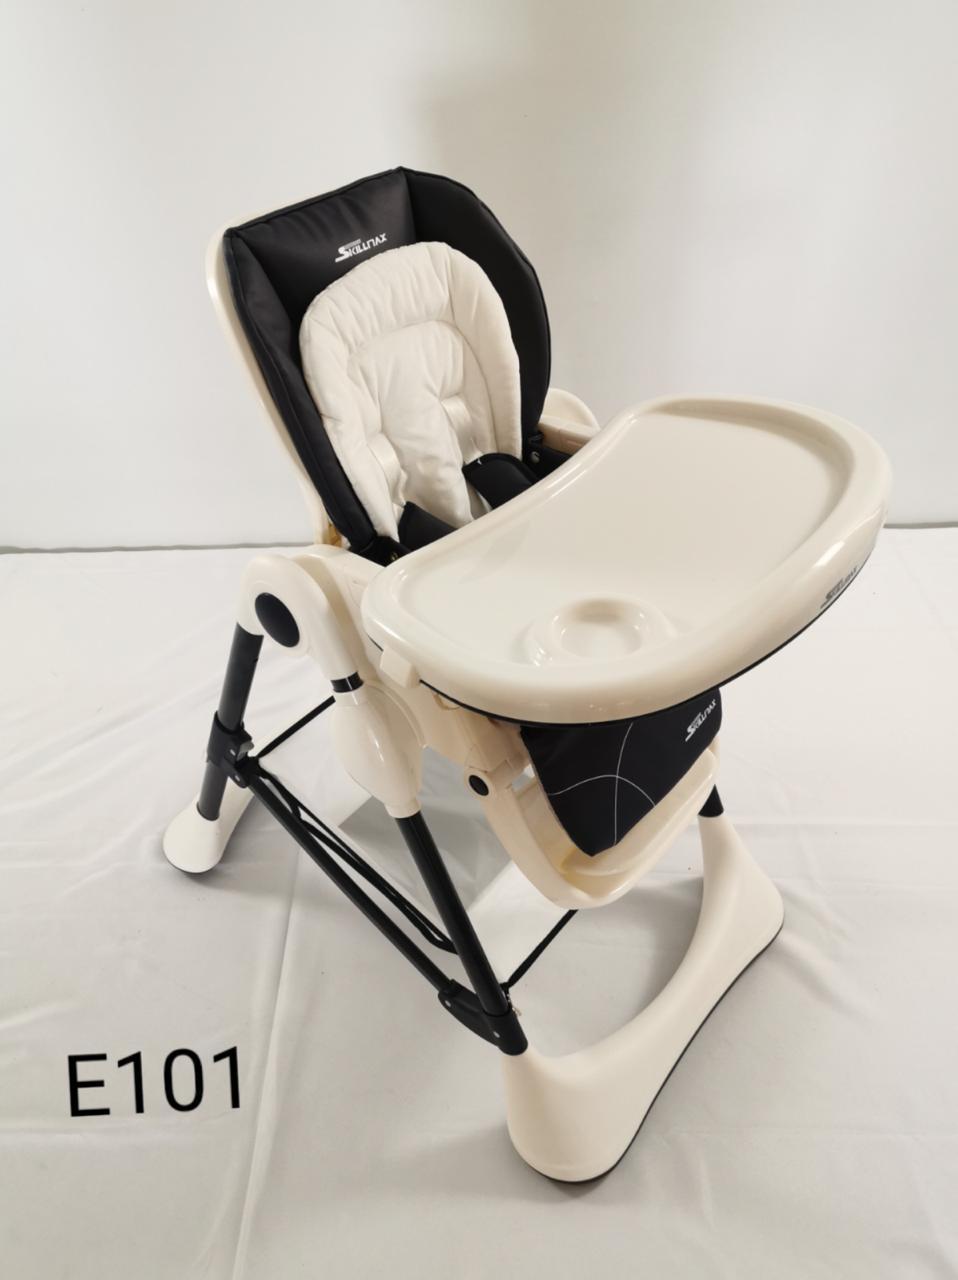 Детский стульчик для кормления Teknum E-101 ,black